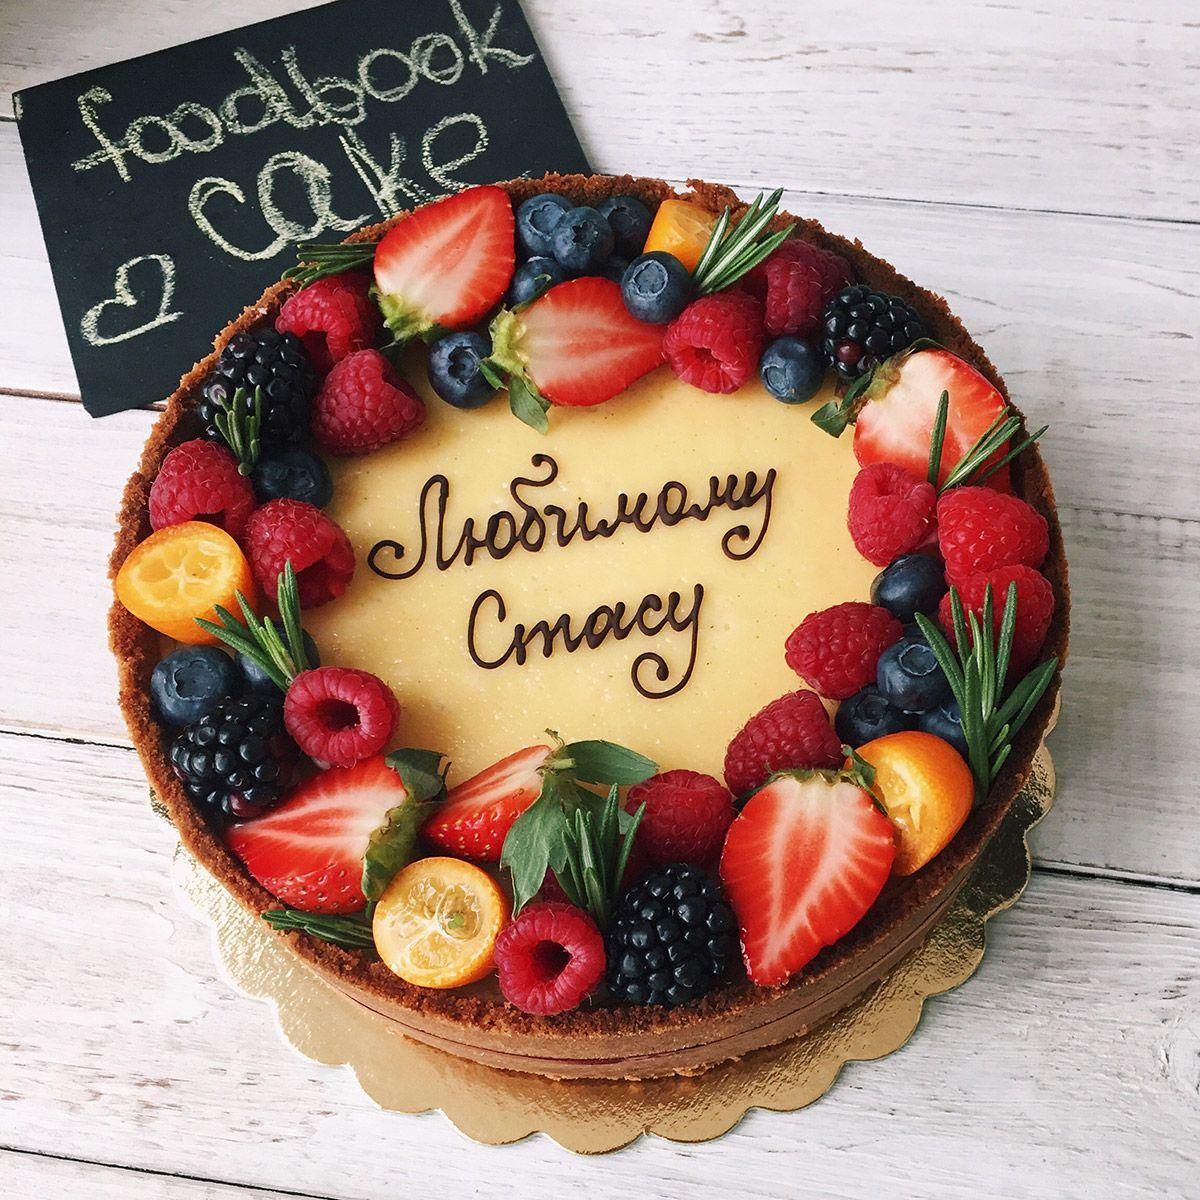 Надписи на торте в картинках